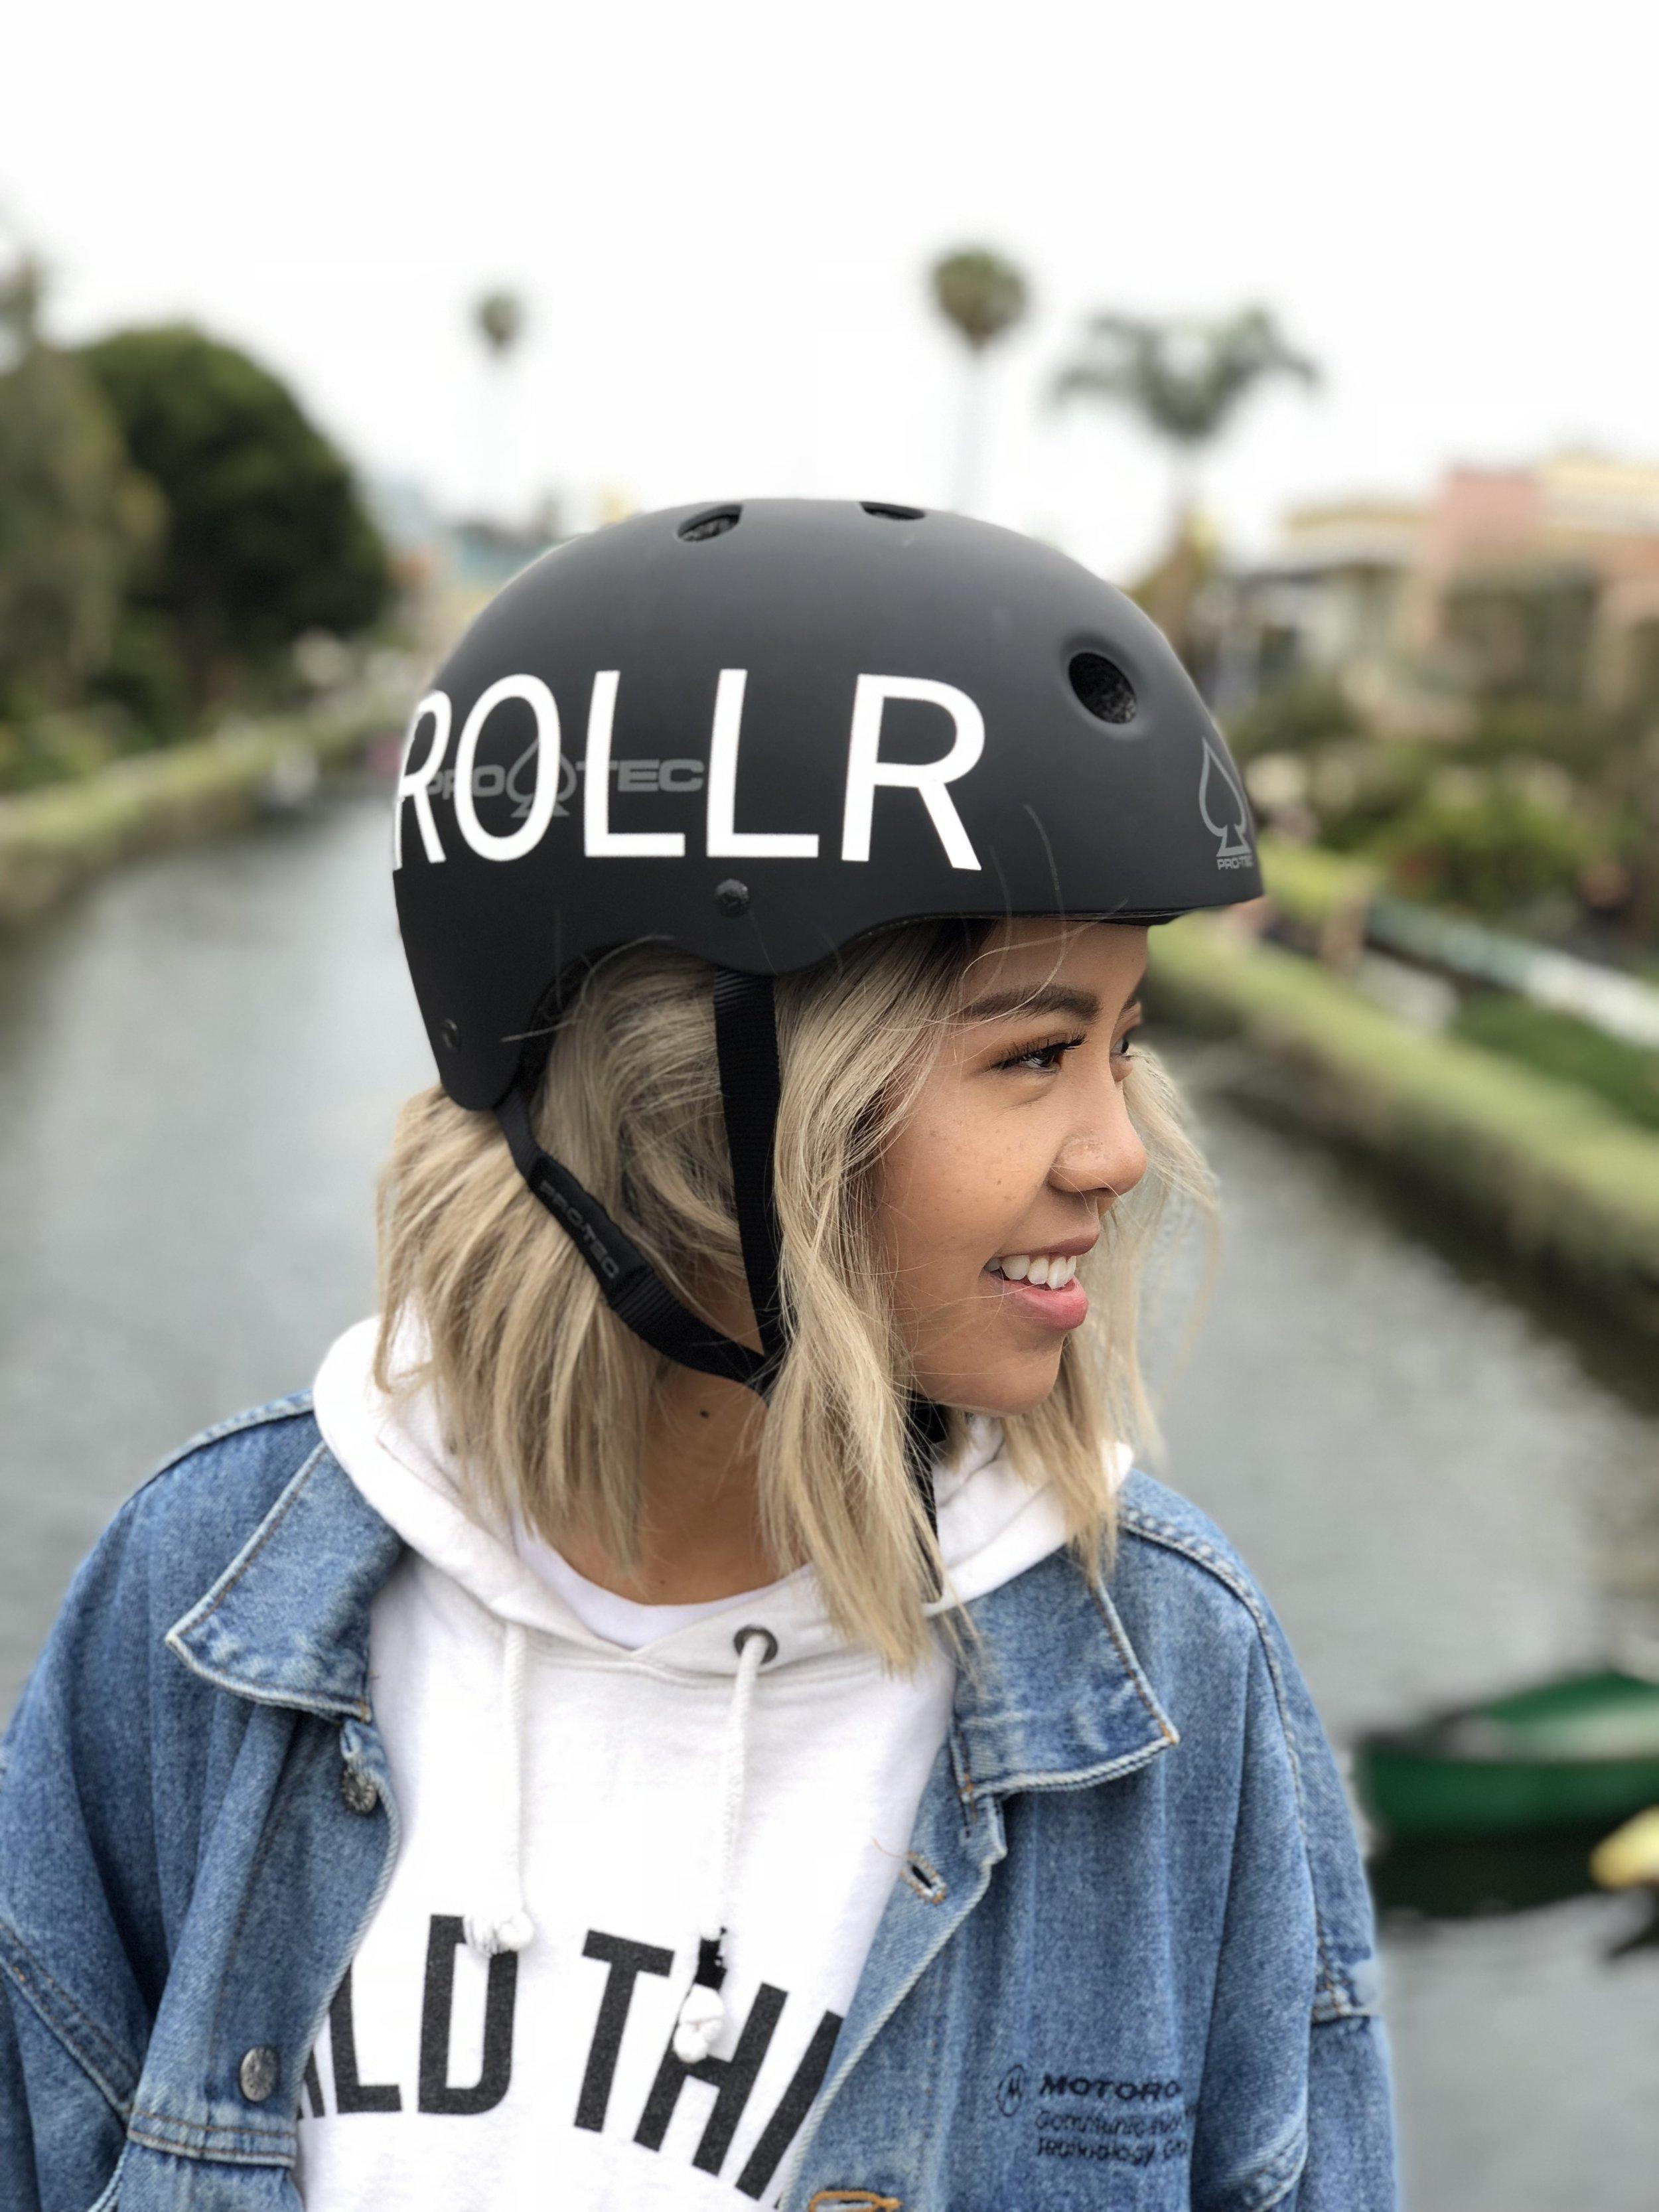 rollr-app-skateboard-electric-best-m1-inboard.jpg